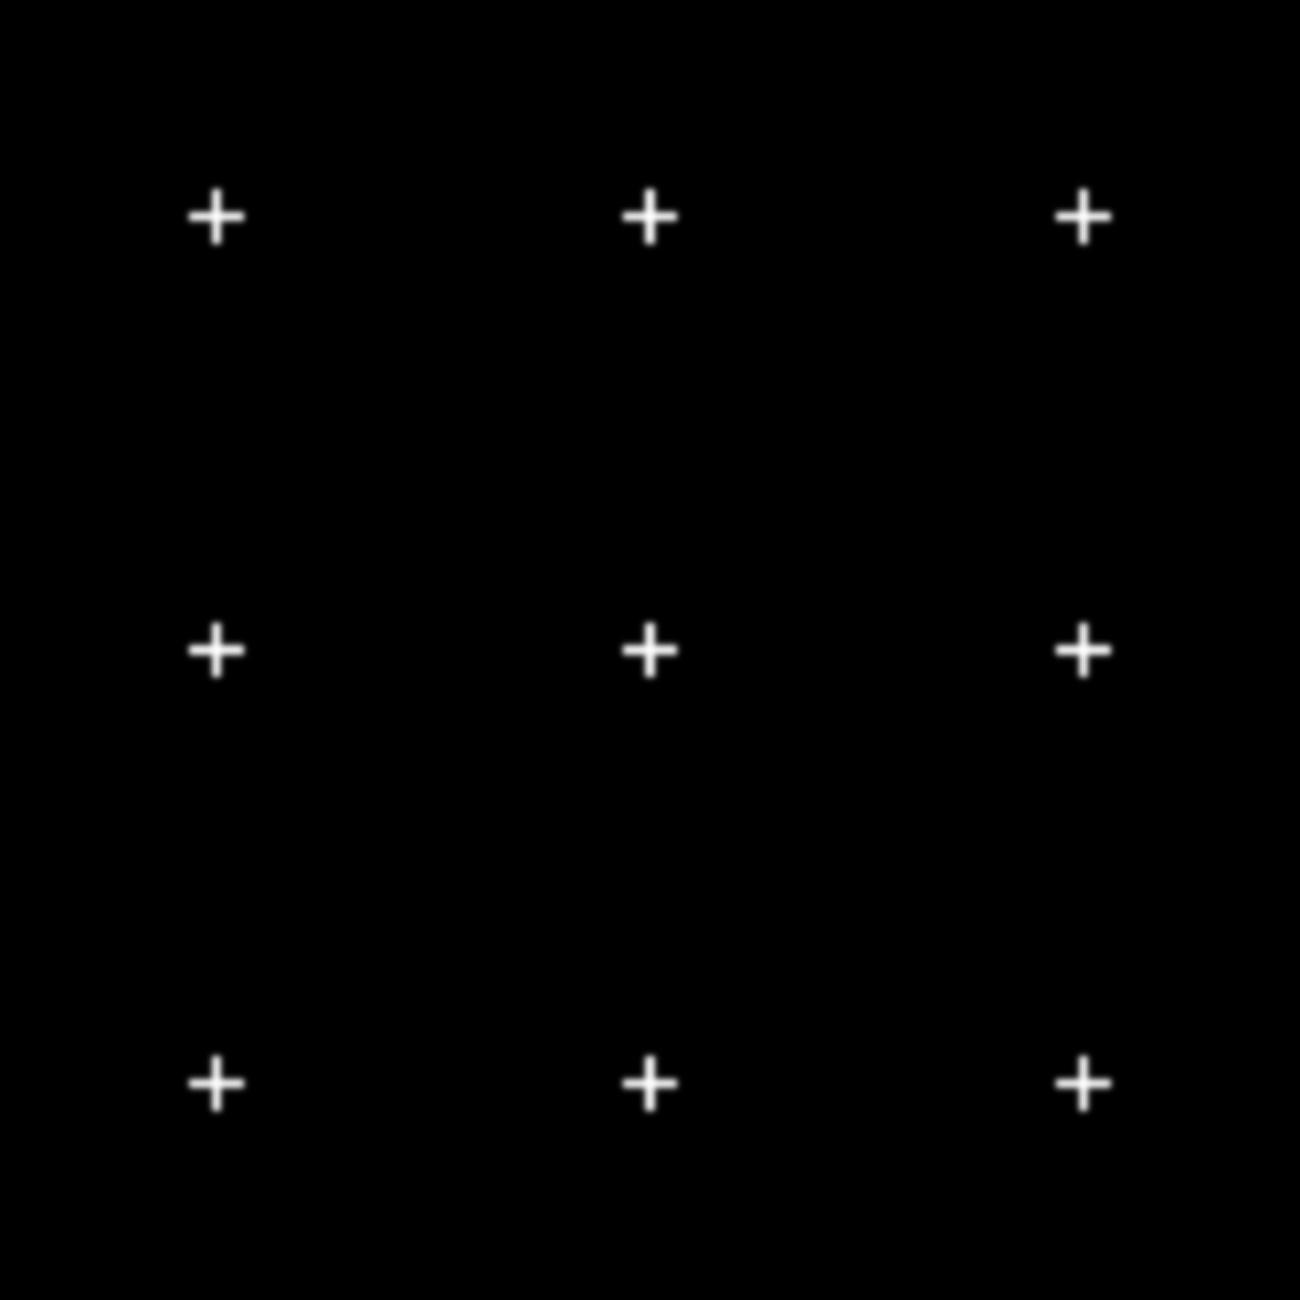 plus_pattern